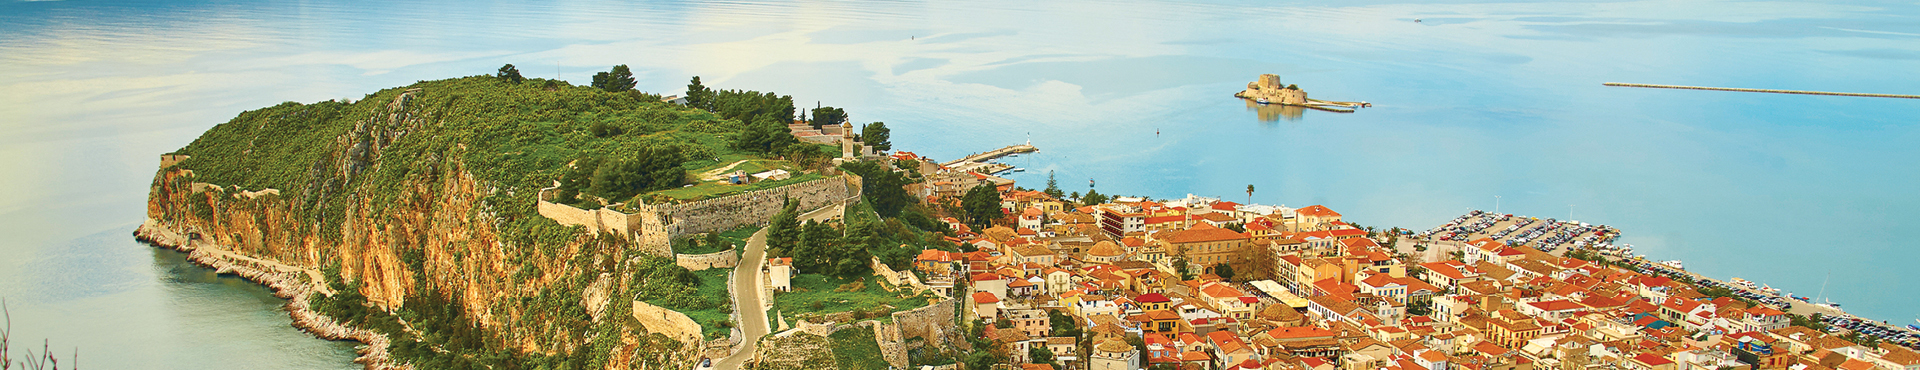 טיול מאורגן ליוון בעקבות המיתולוגיה היוונית, טבע ונופים ייחודיים